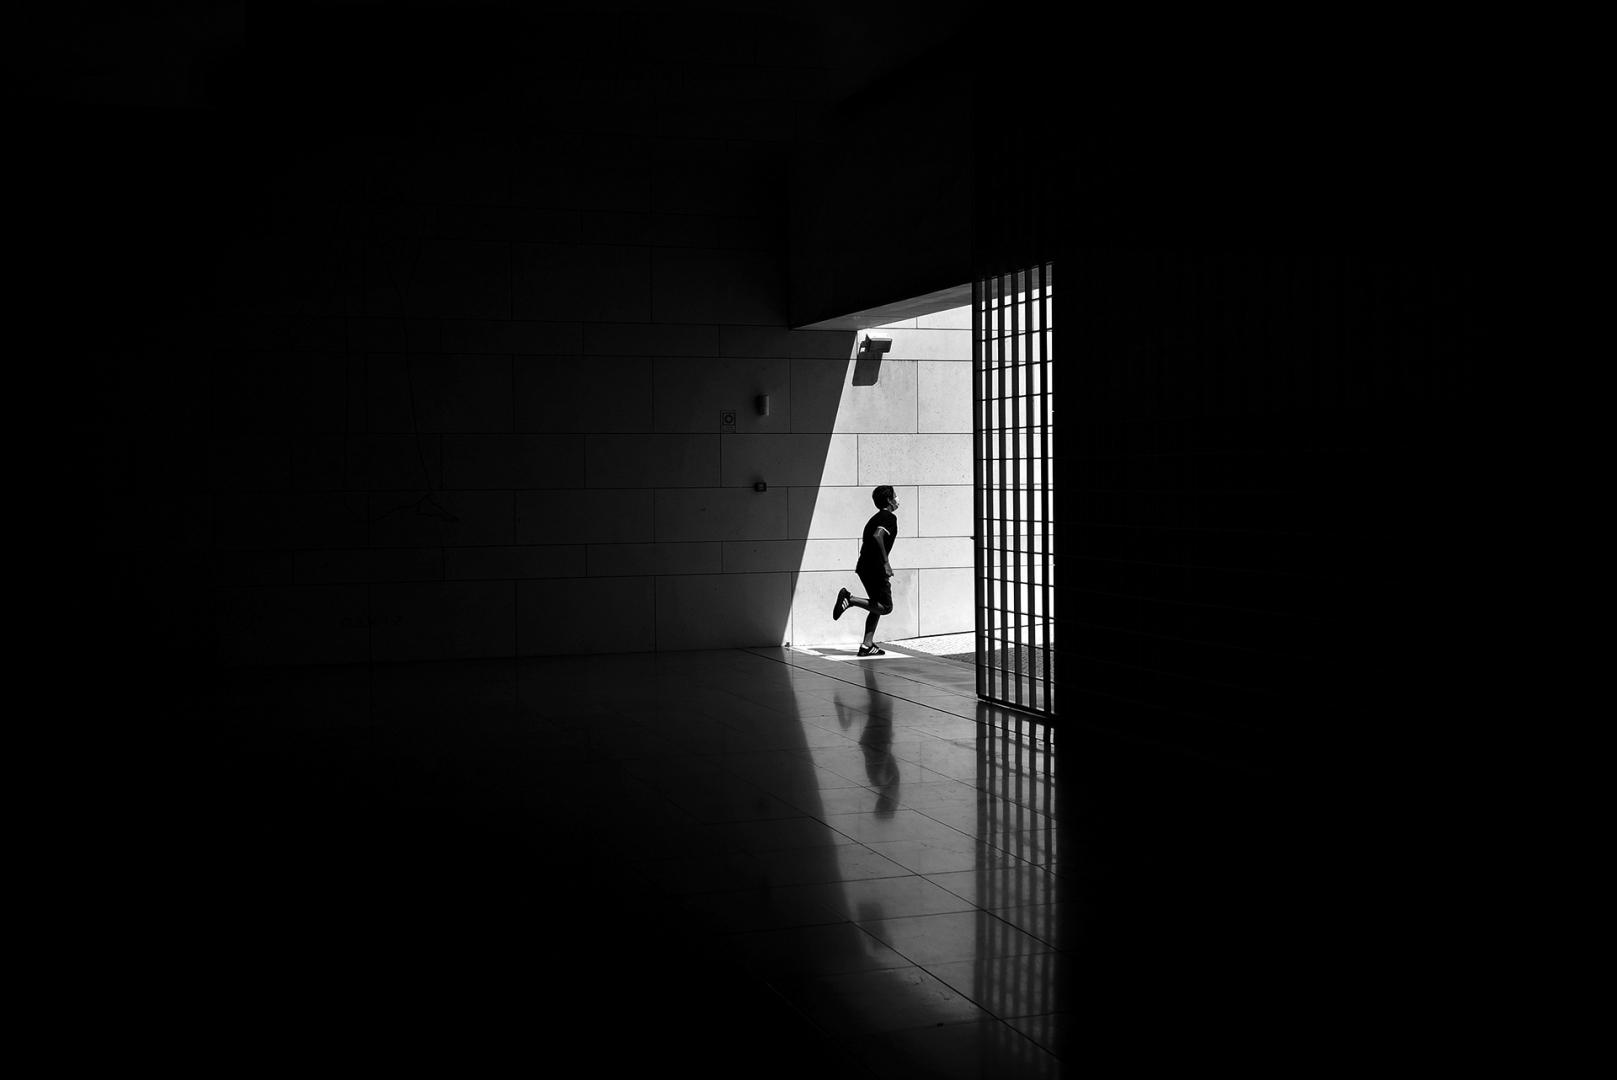 Fotografia de Rua/In a hurry